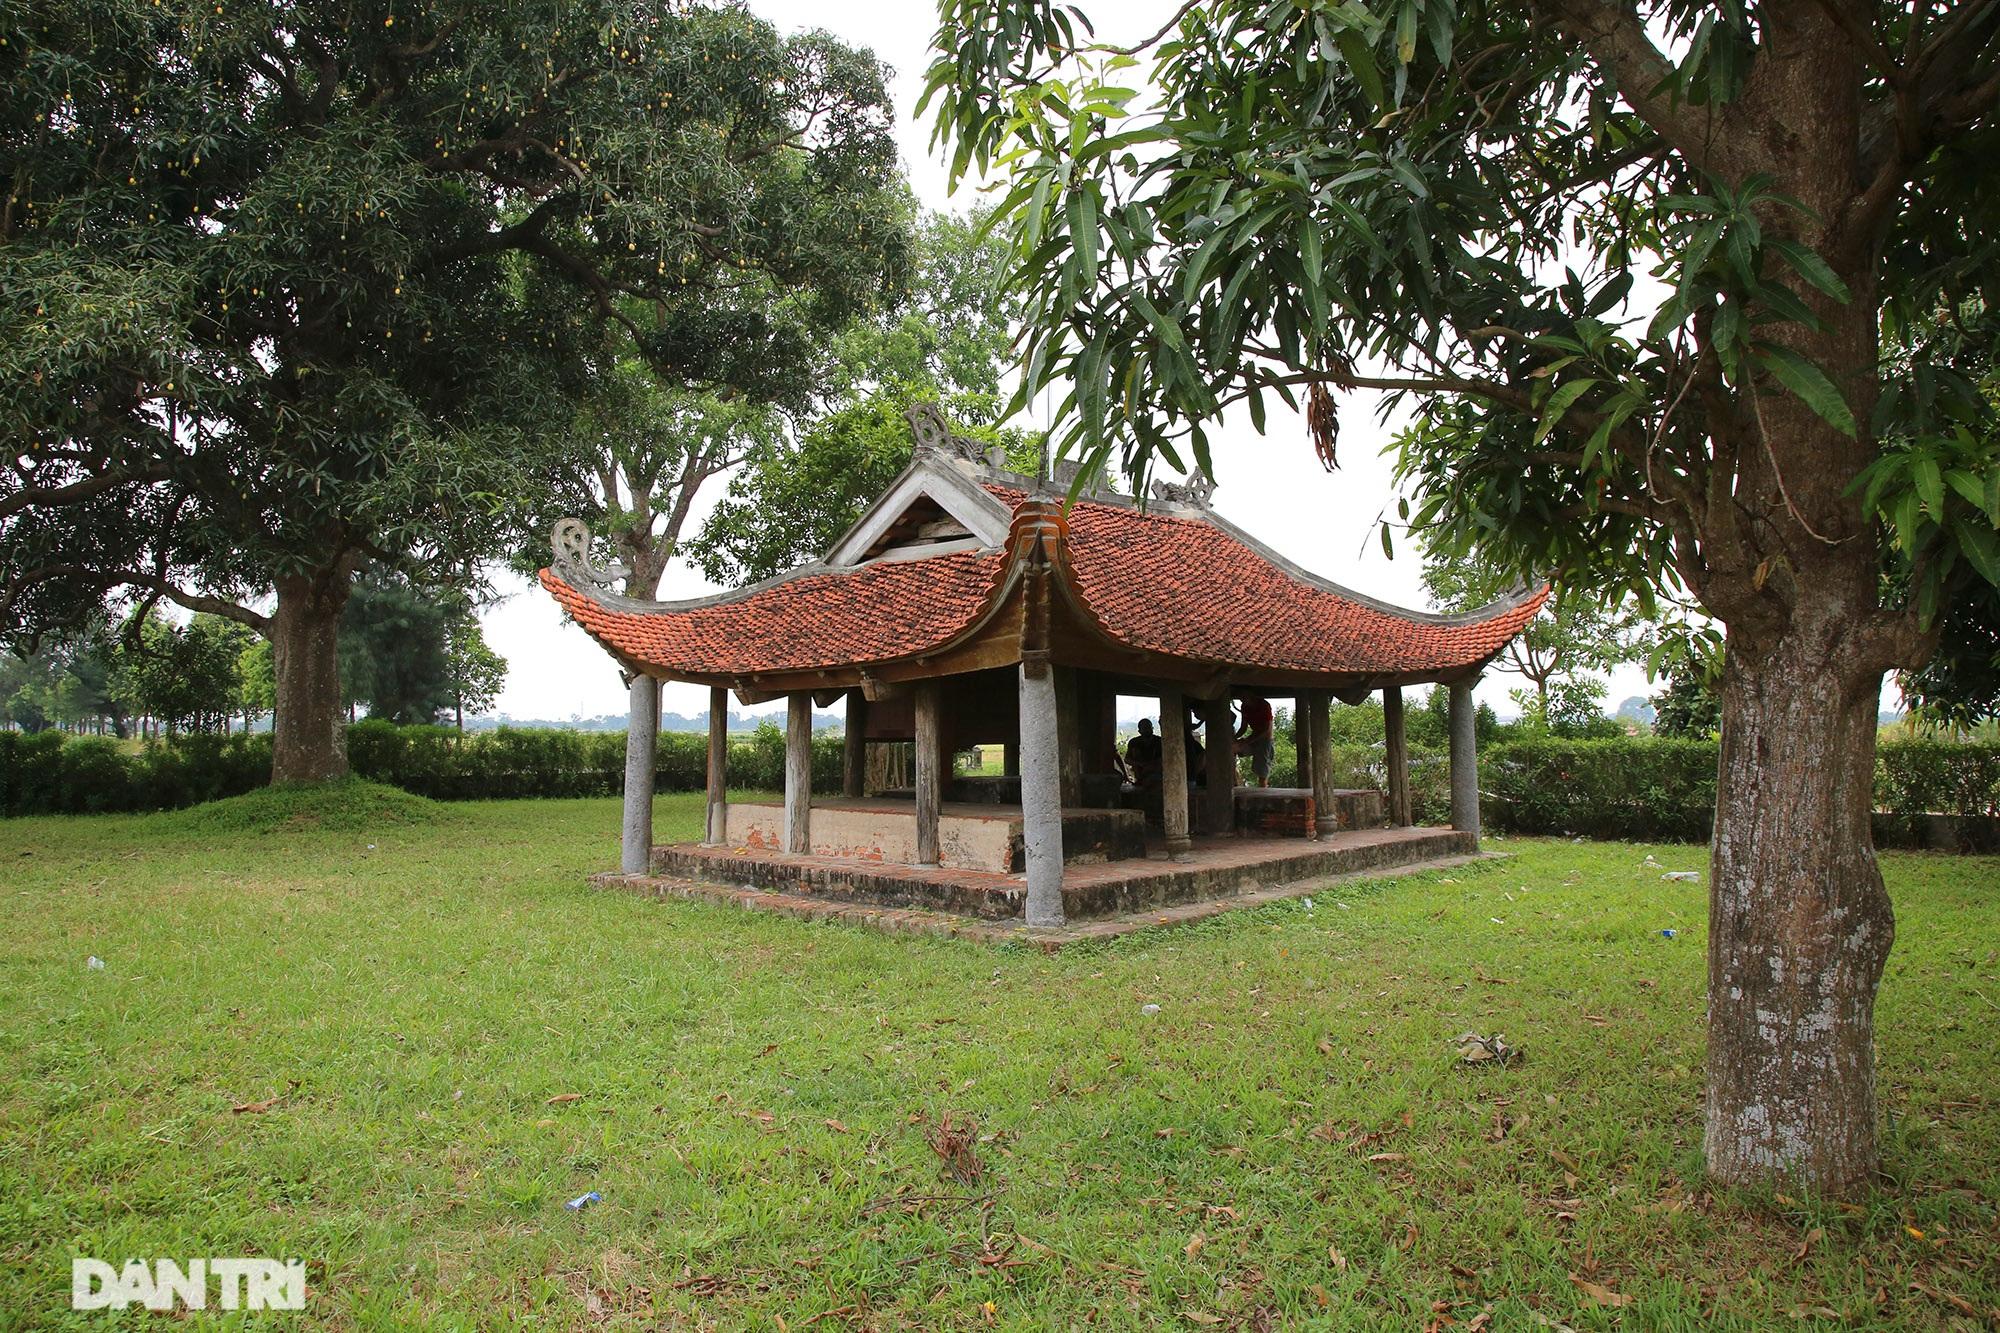 Huyền tích nghìn đời qua những ngôi quán cổ ở Hà Nội - 1